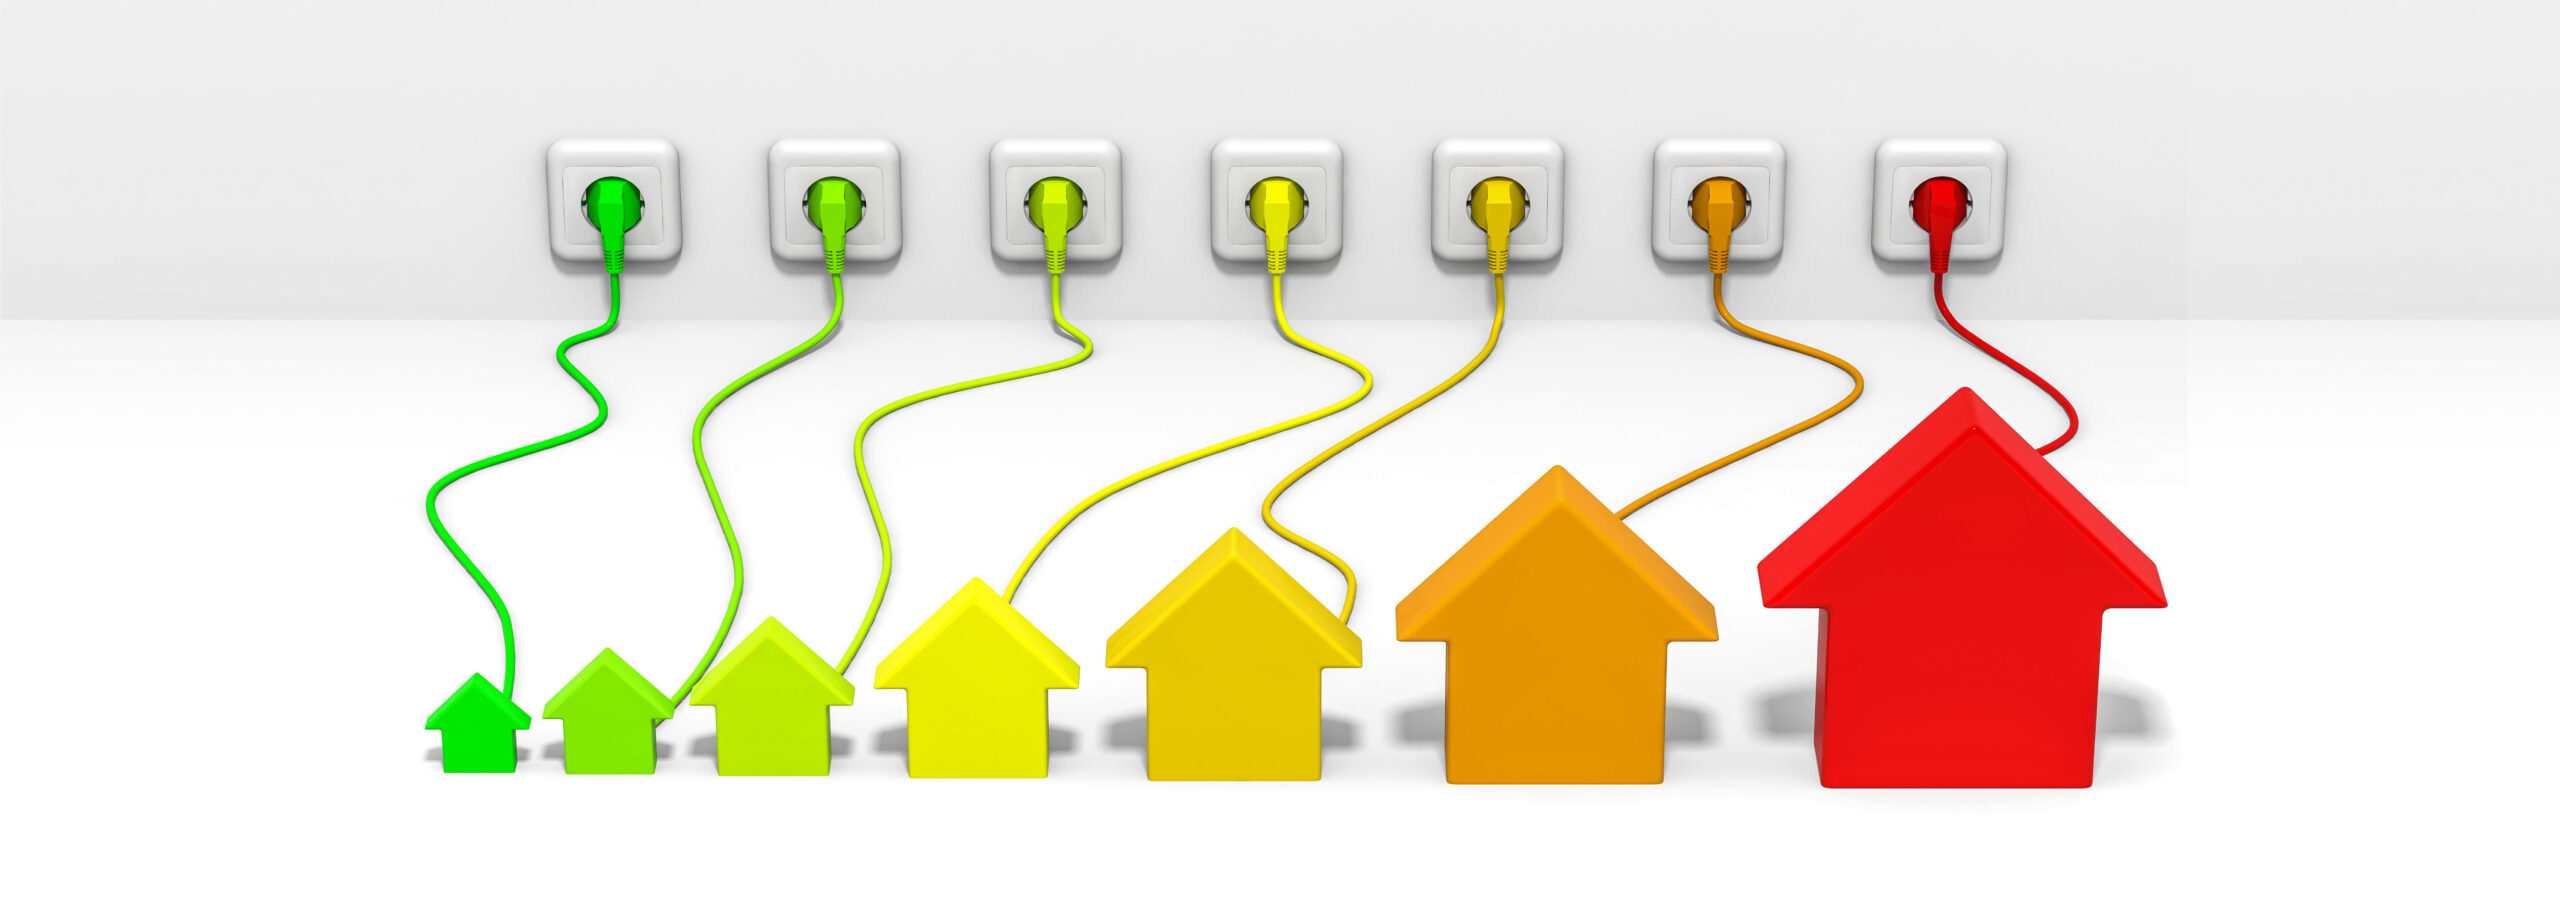 Kompletna rješenja za energetsku učinkovitost